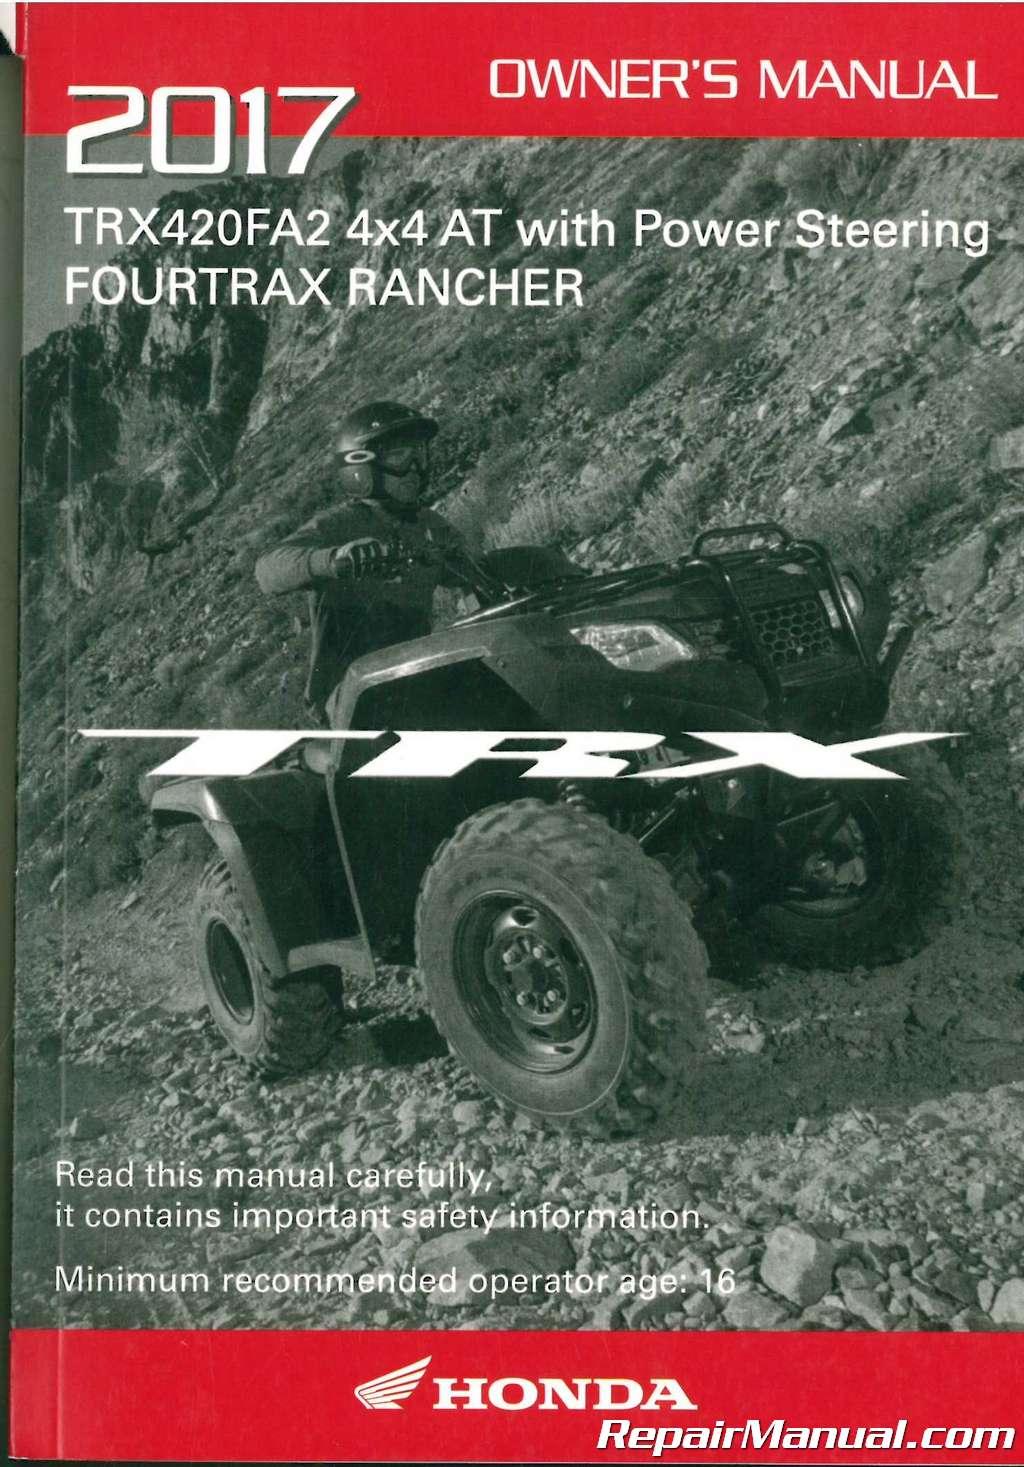 2017 honda trx420fa1 fa2 a ce atv owners manual rh repairmanual com honda atv owner manual suzuki atv owners manual pdf